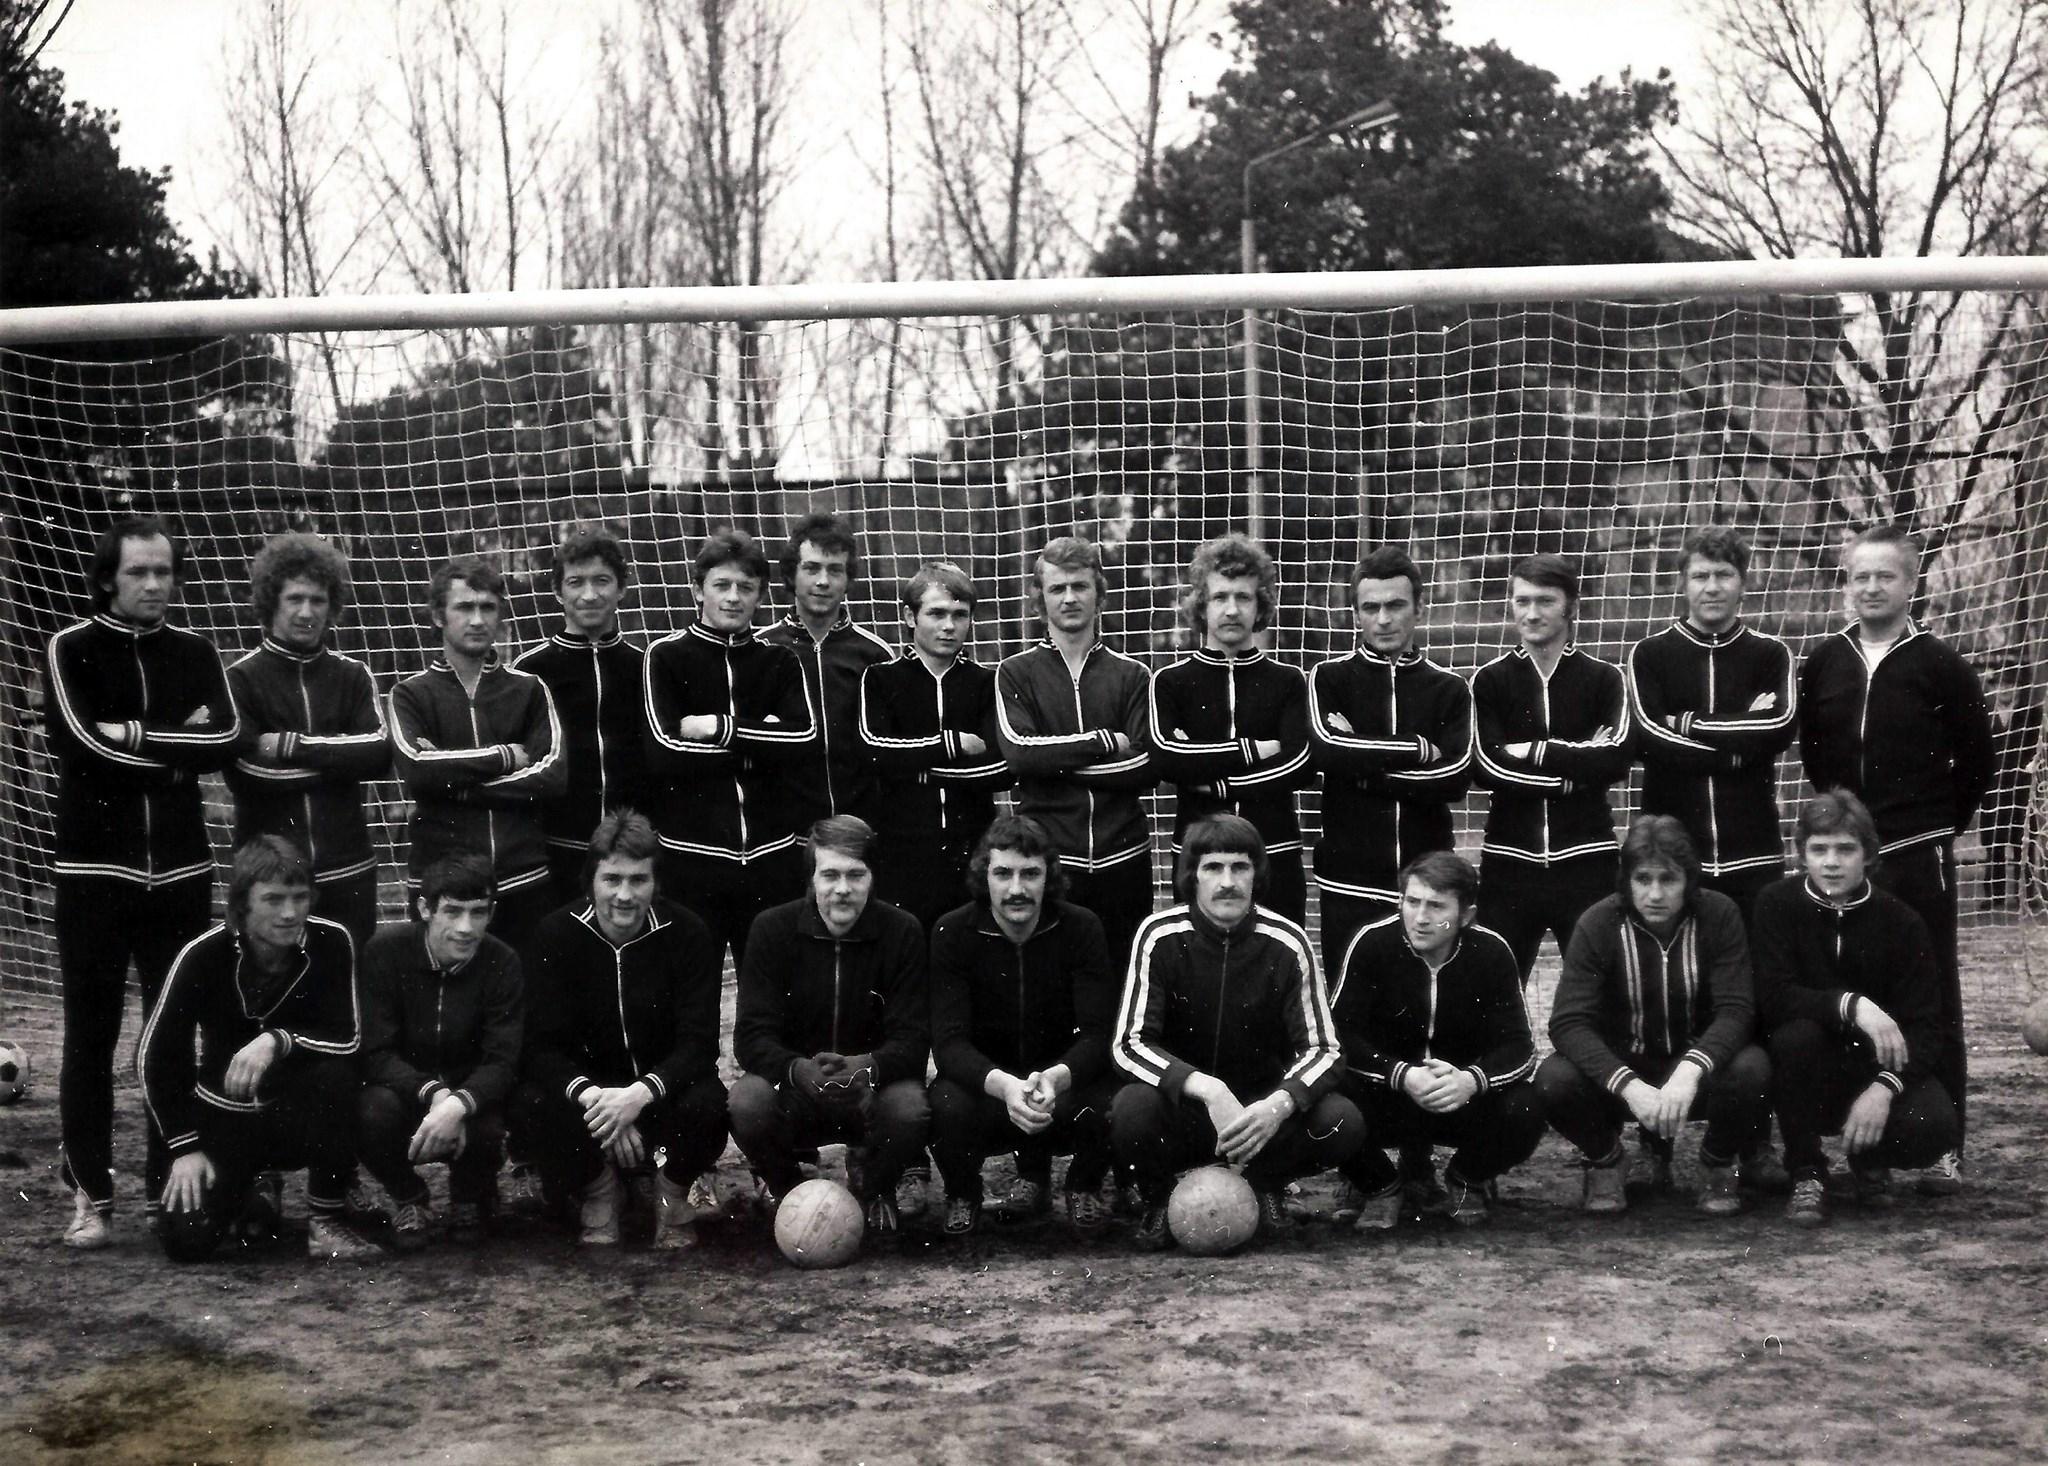 Nie lada gratka dla kibiców piłki nożnej. Archiwalne fotografie z Mielca, Rzeszowa, Dębicy, Tarnobrzega [ZDJĘCIA] - Zdjęcie główne